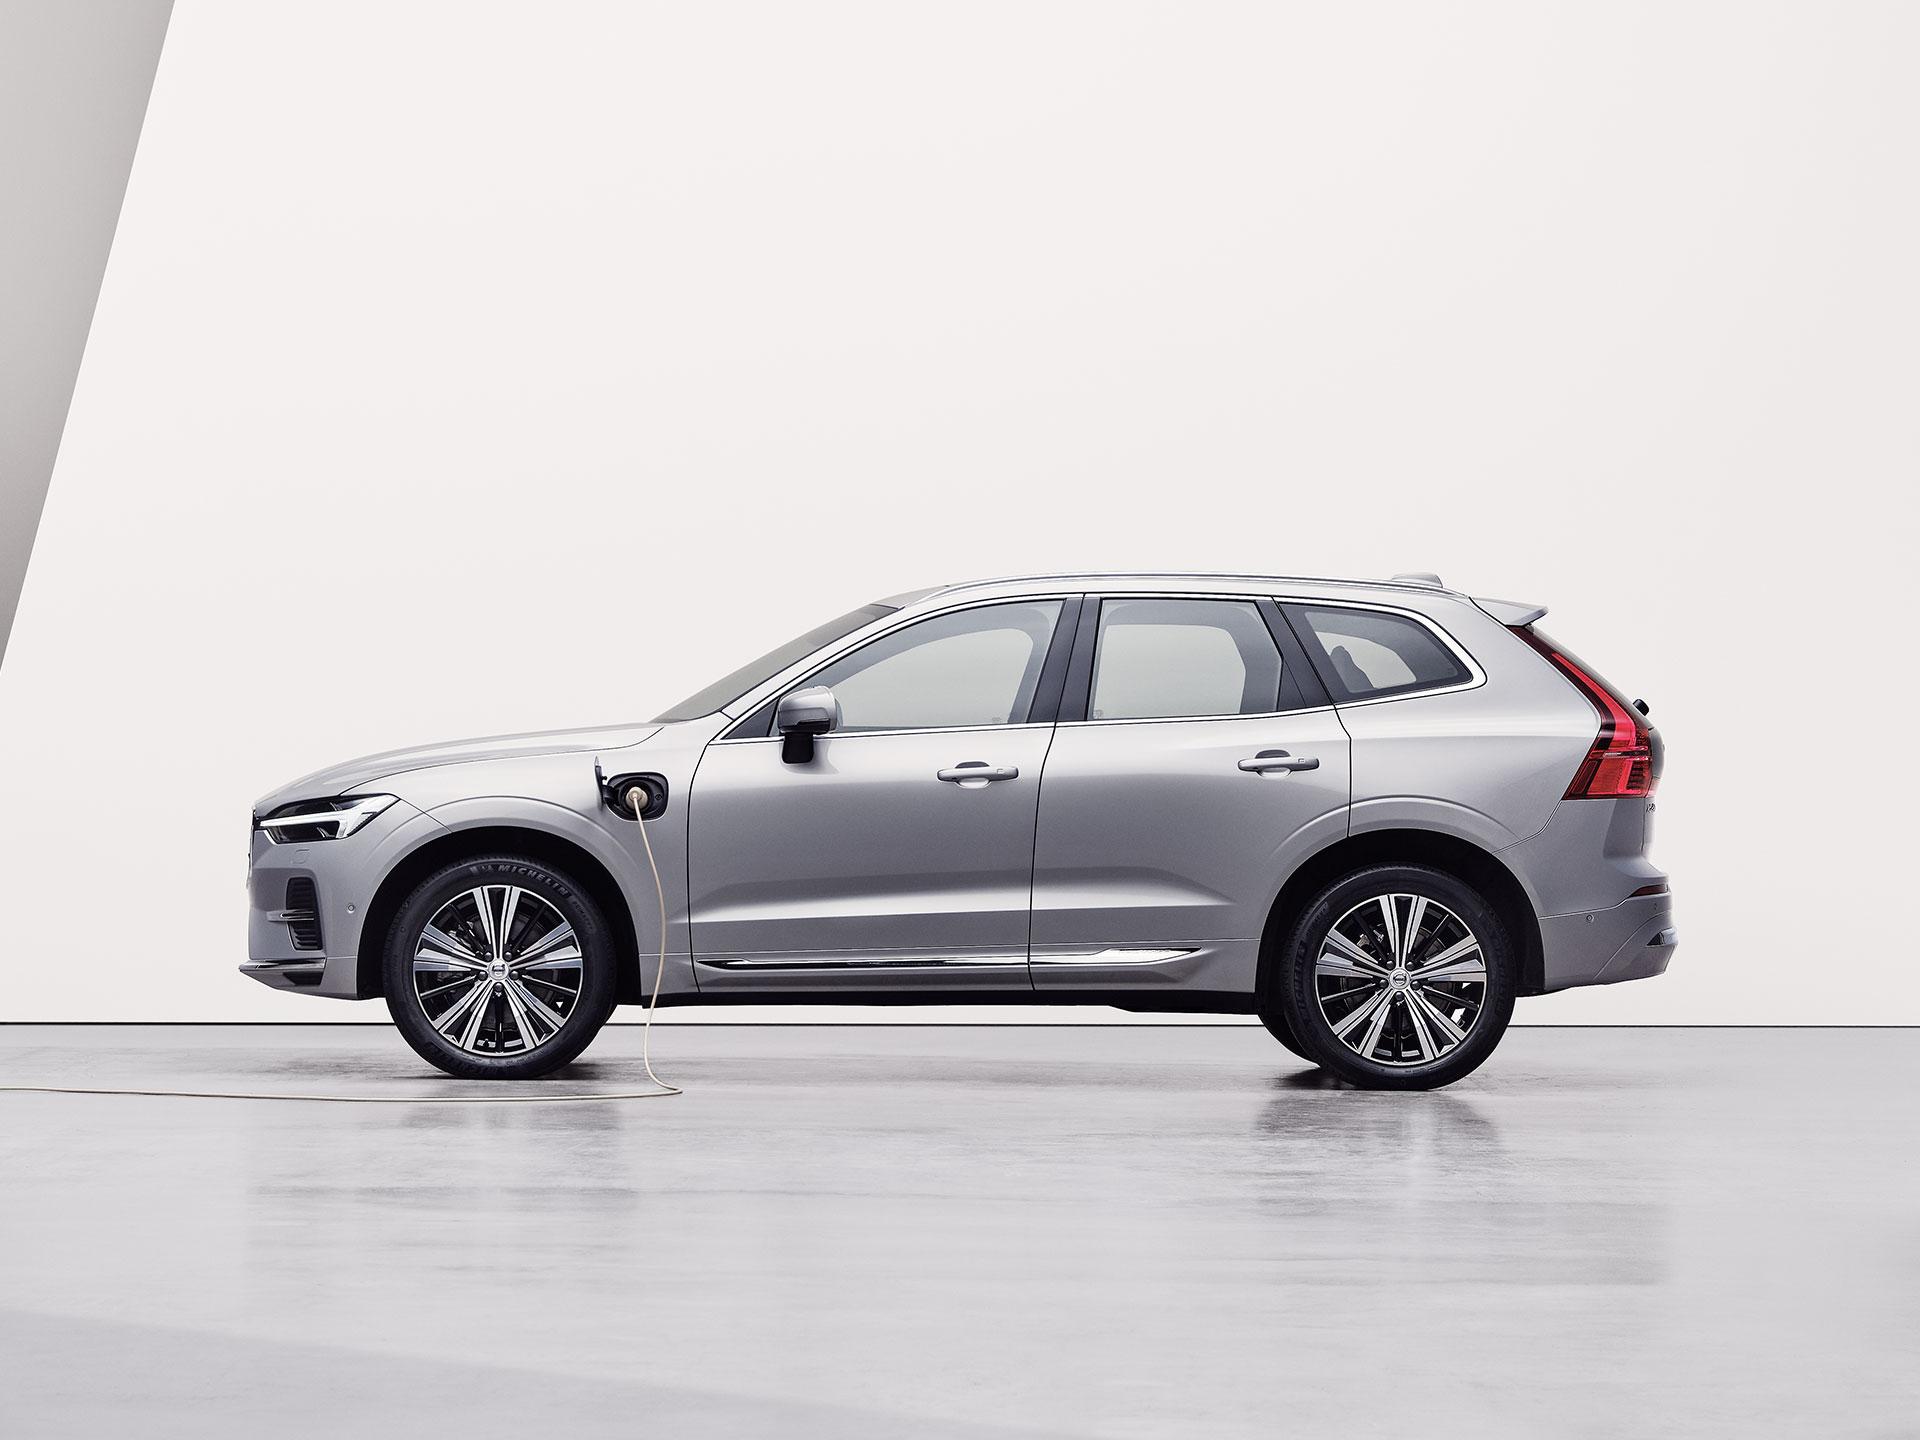 Ein silberfarbener Volvo XC60 Recharge, der in einer weißen Umgebung geladen wird.